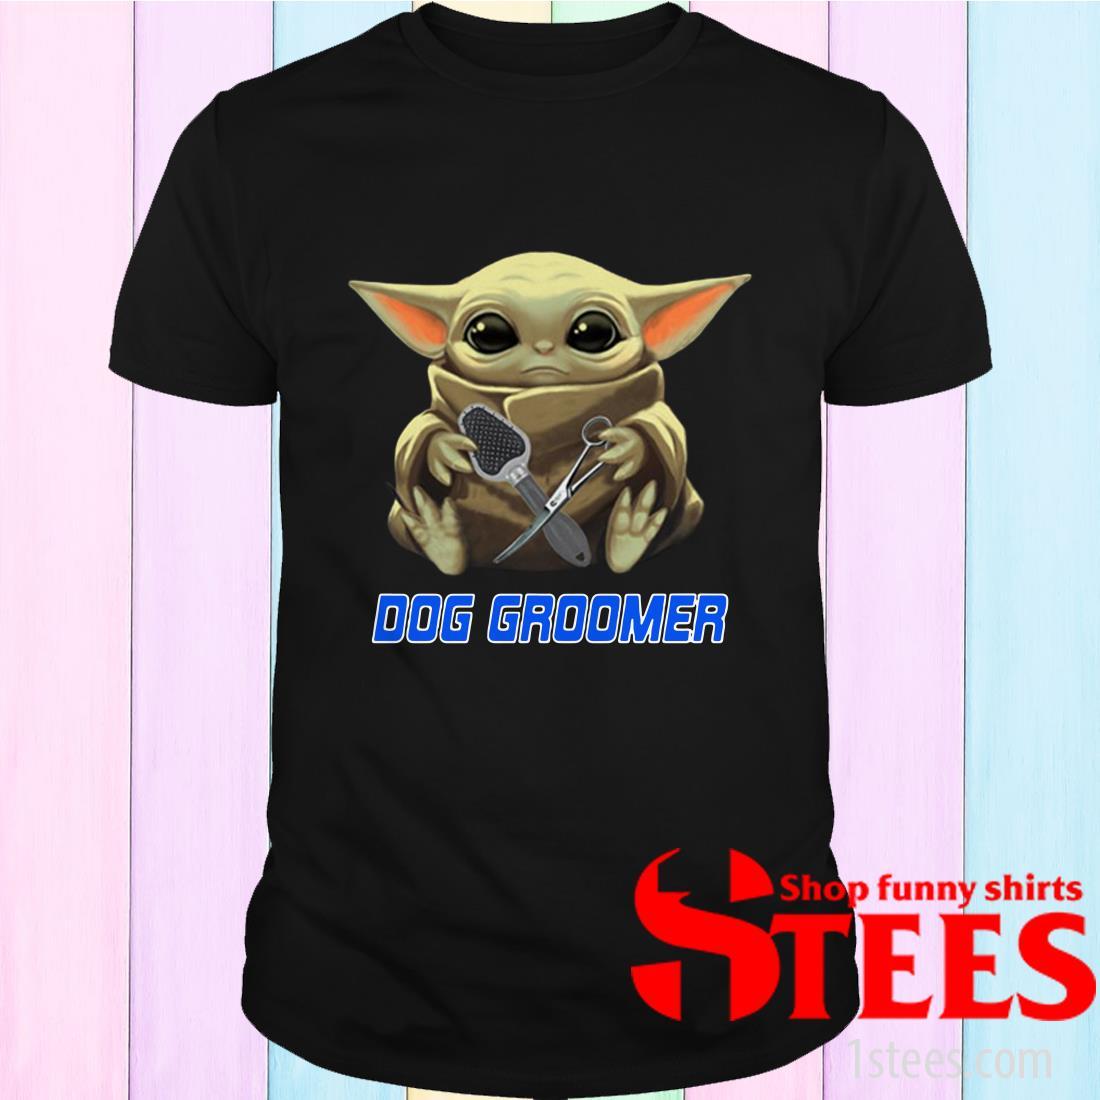 Star Wars Baby Yoda Hug Groomer Shirt